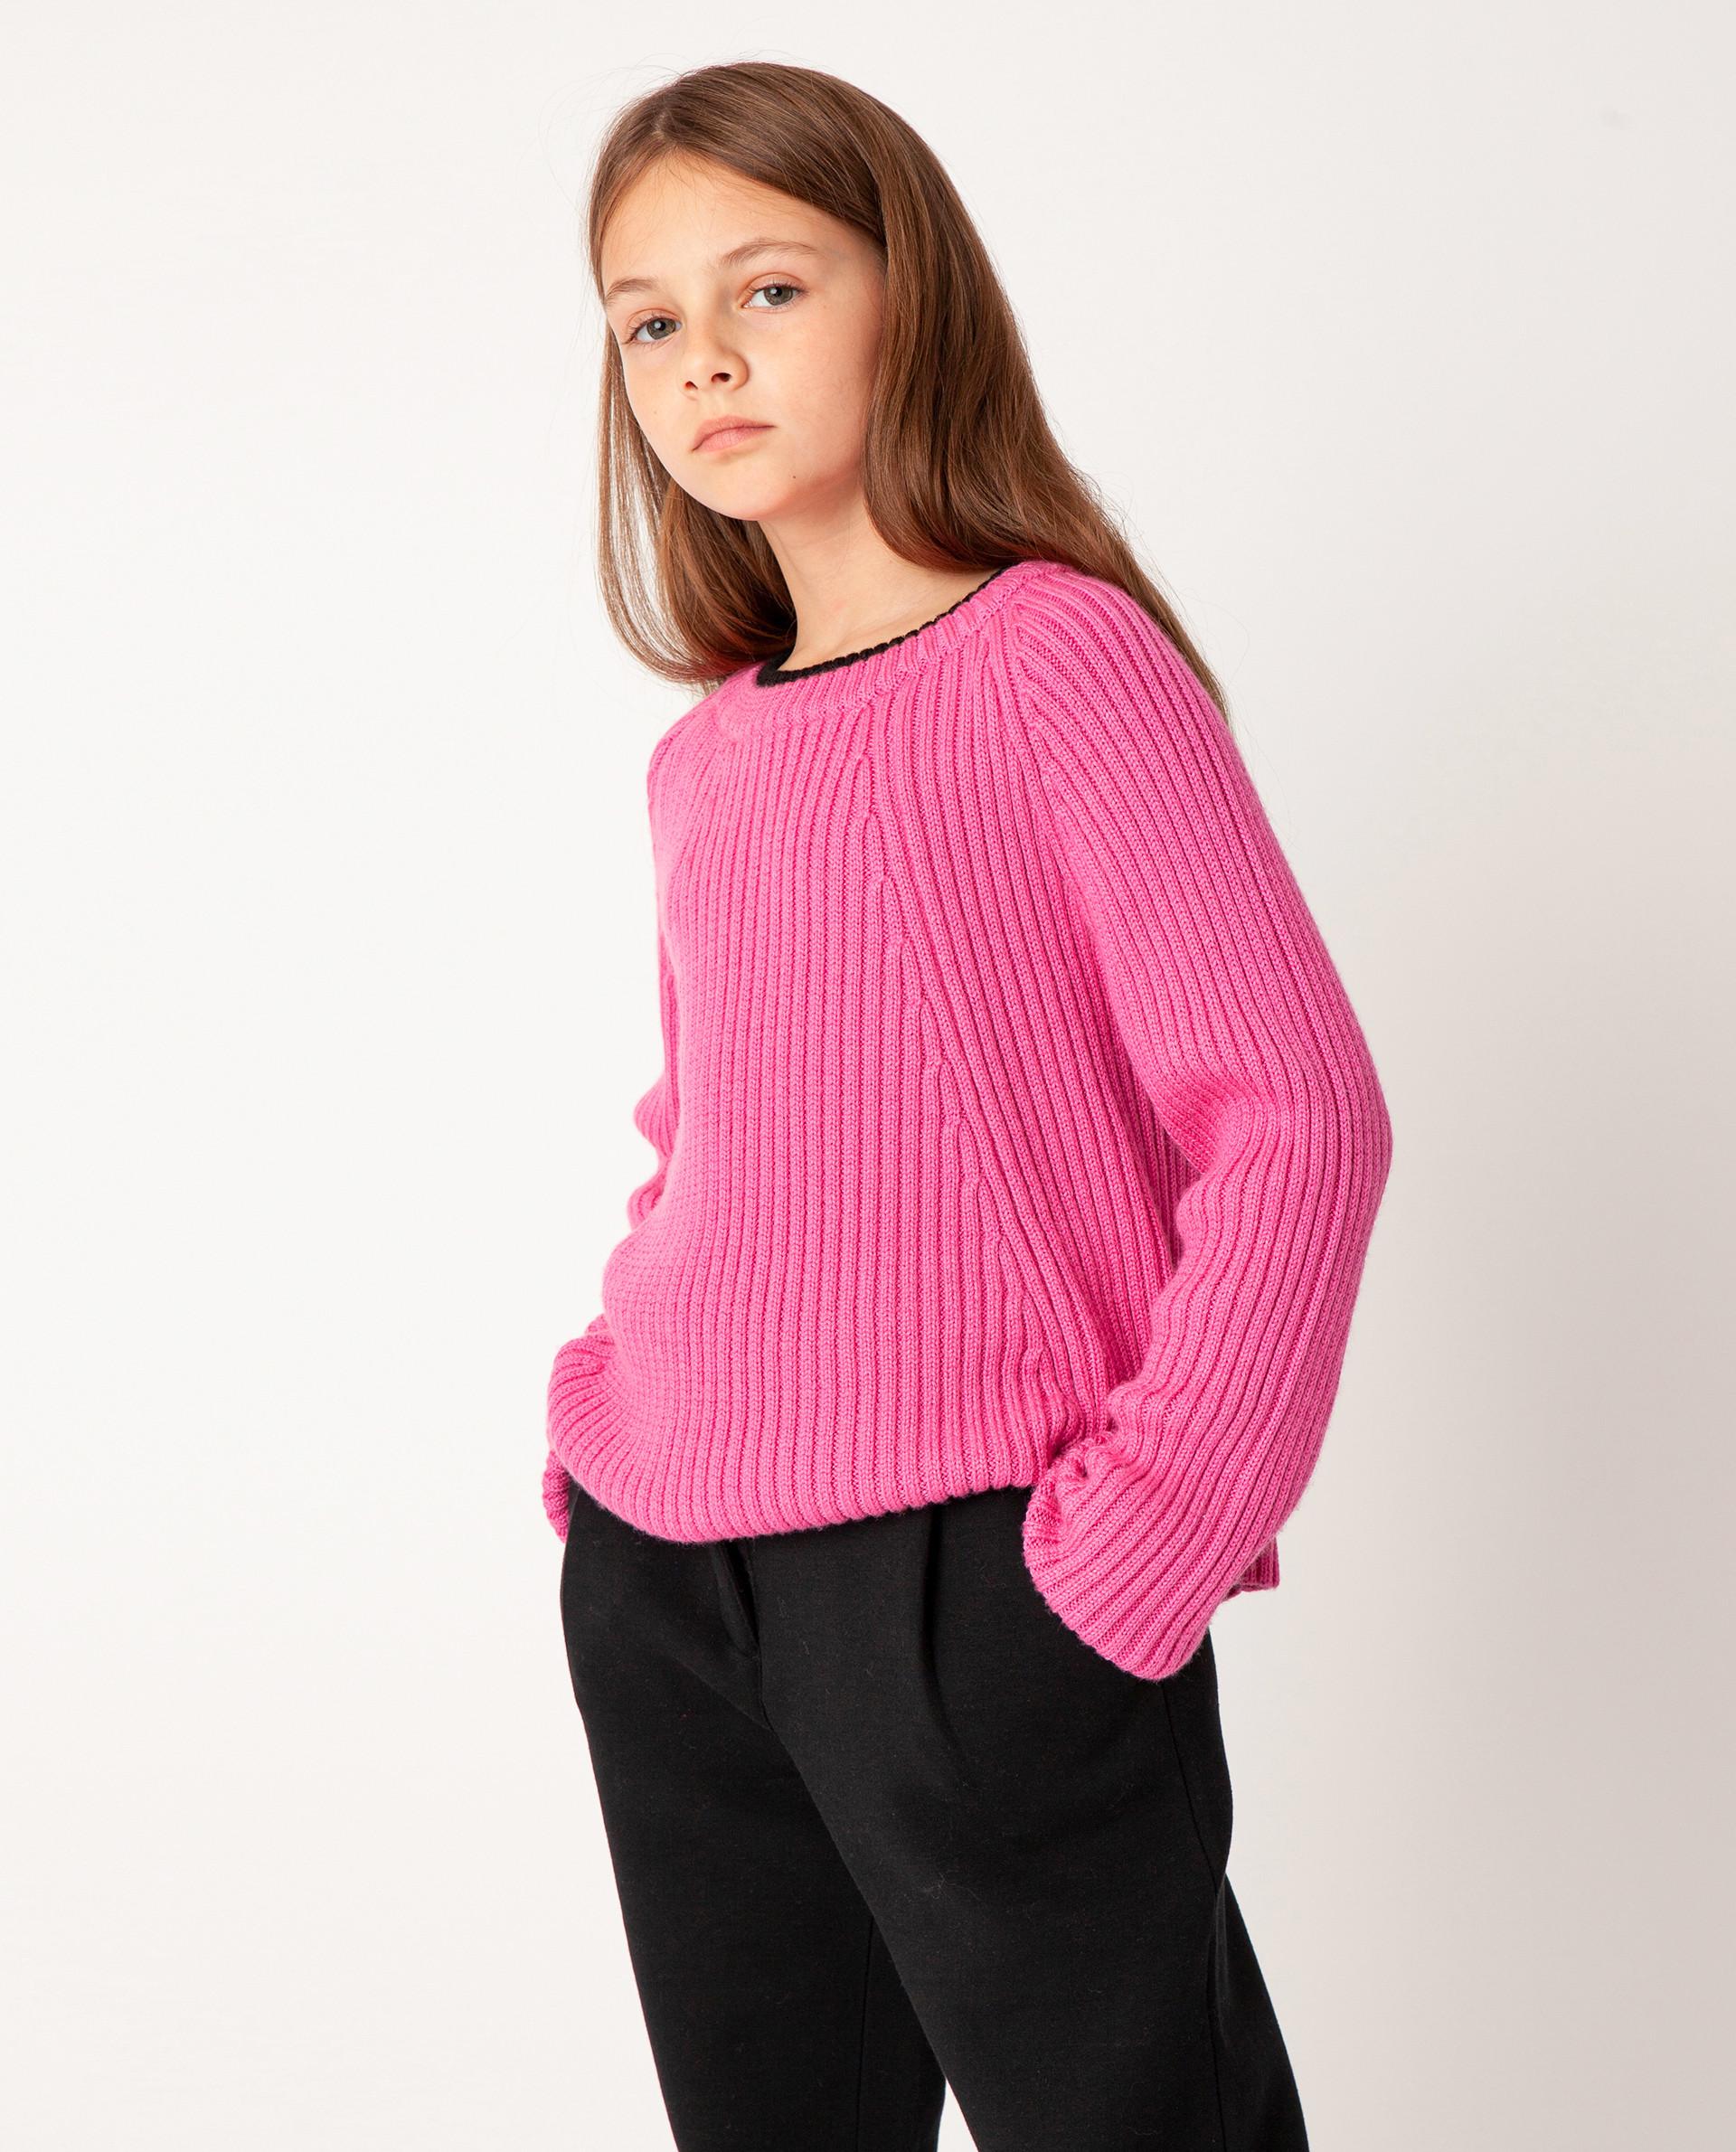 Купить Розовый джемпер Gulliver размер 170*84*69 22009GJC3101,